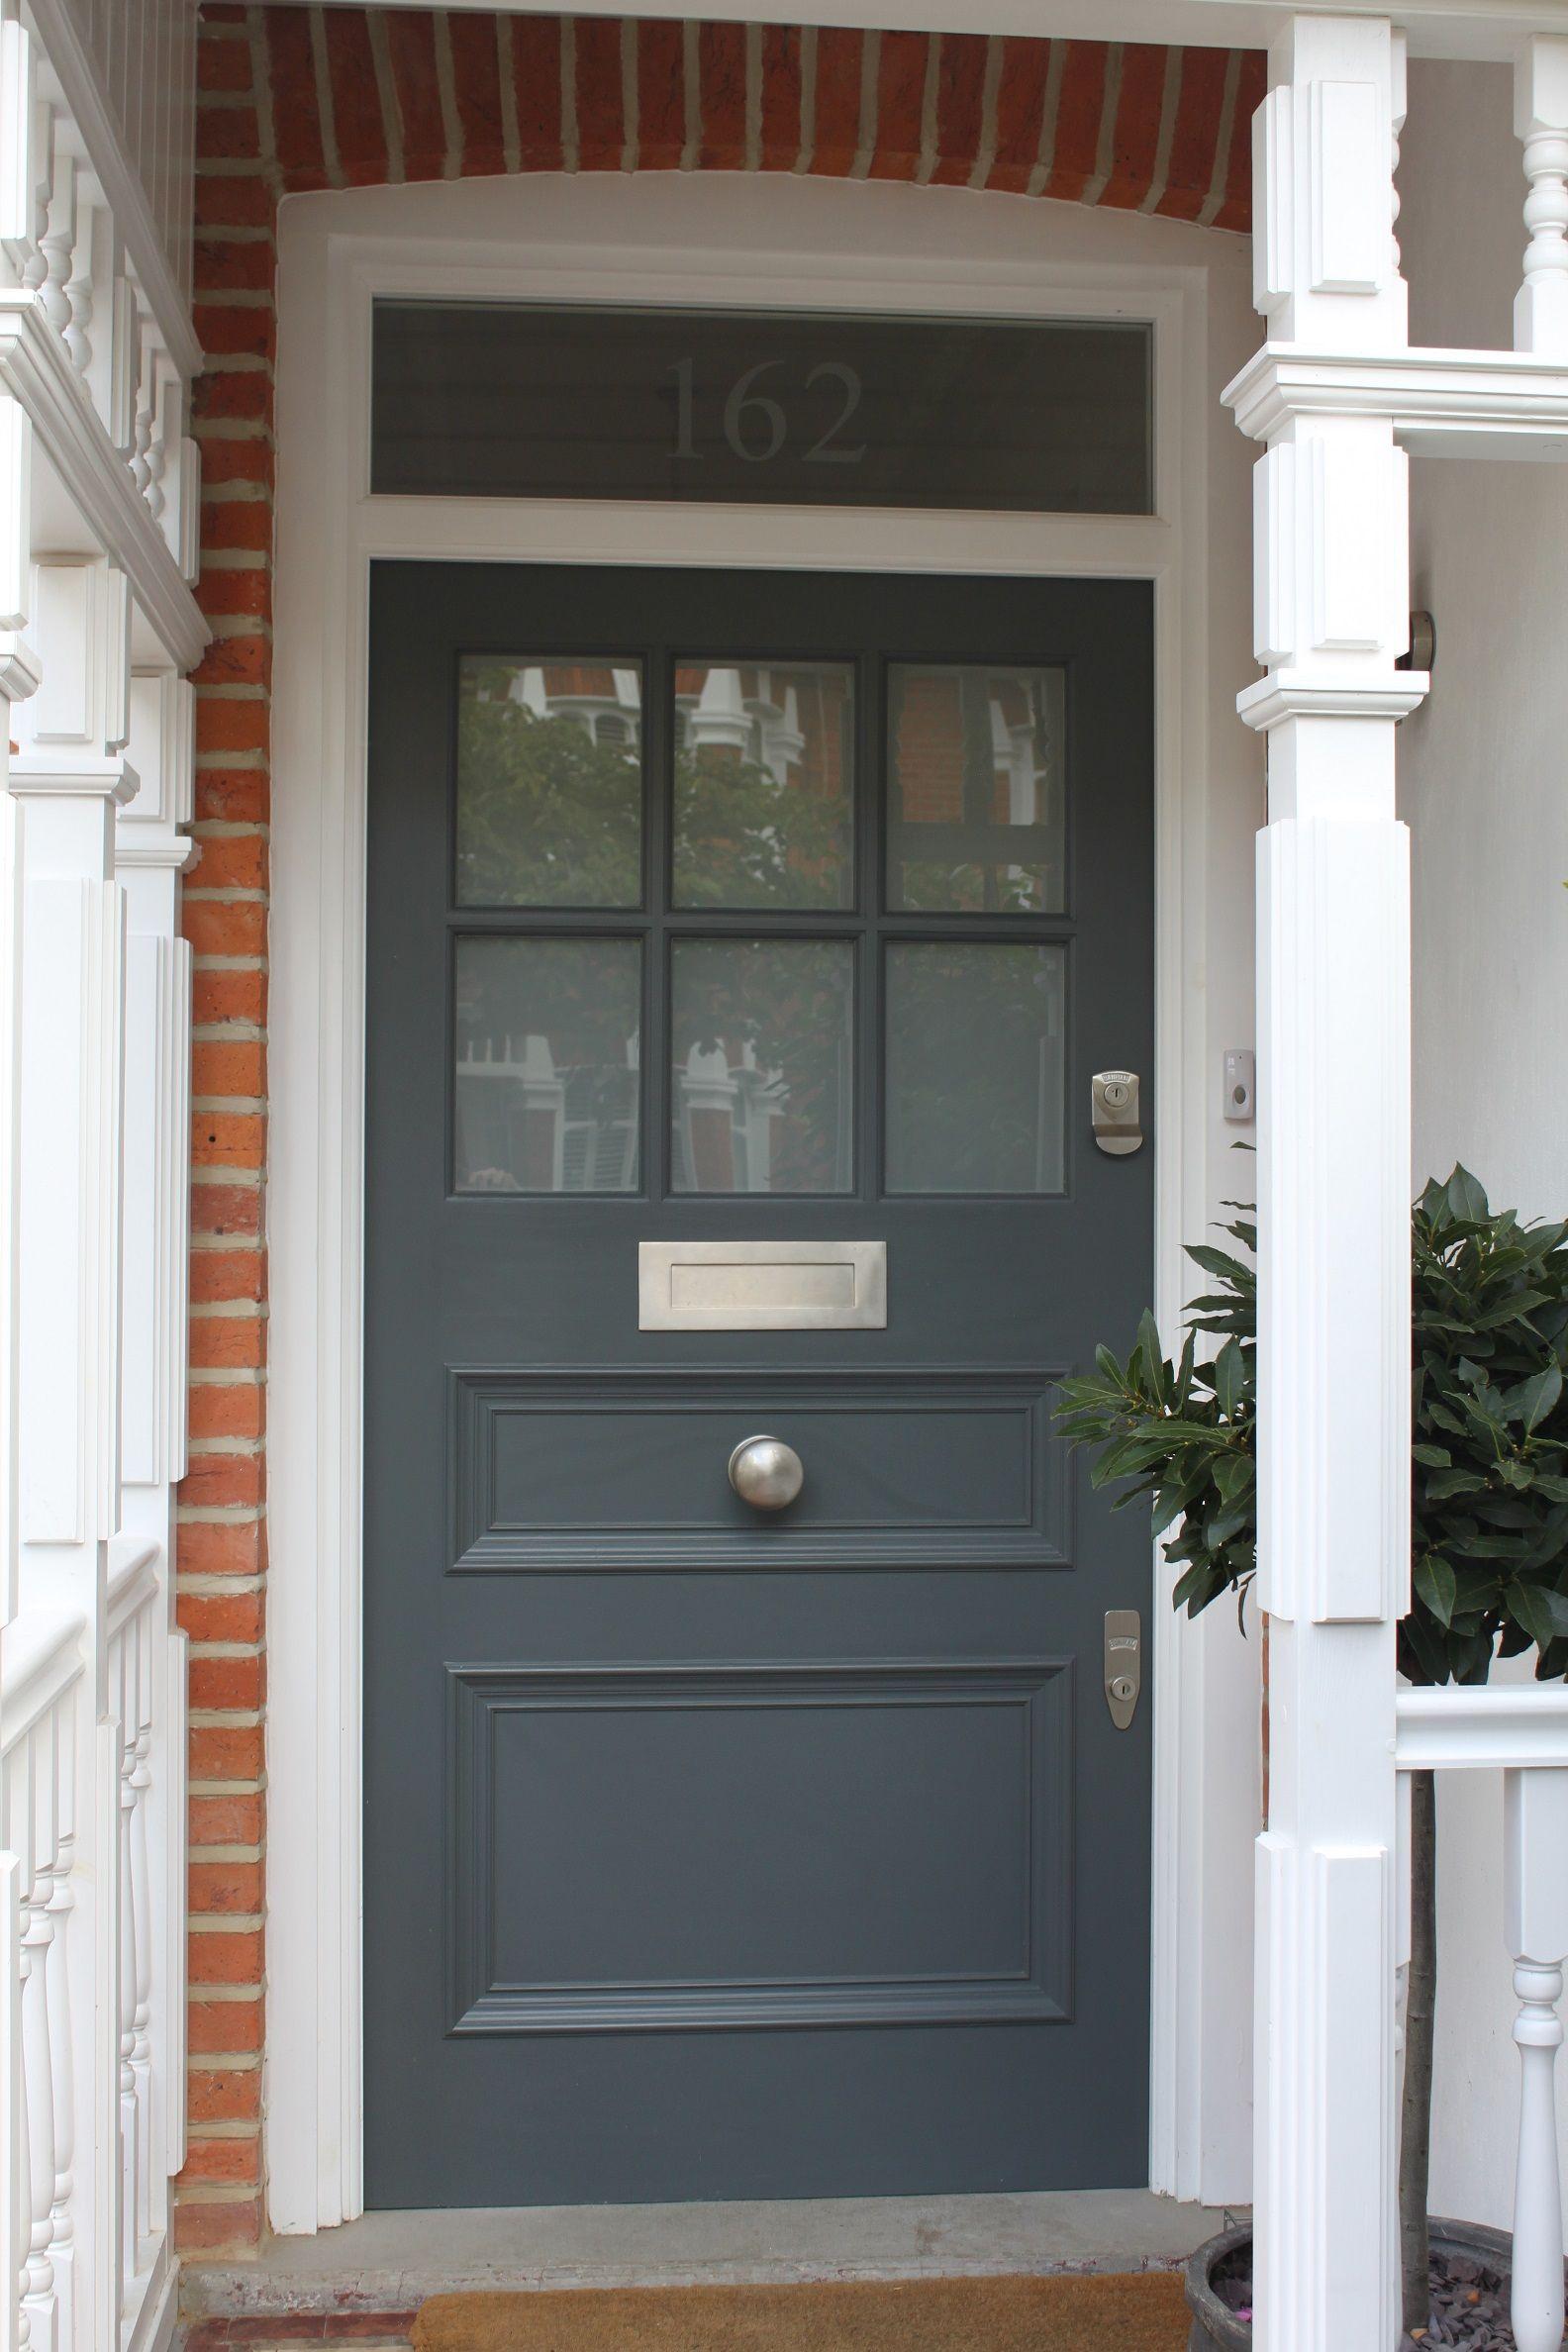 Pleasing 1930S Door Resized 1 5842 376 Pixels Front Door Pinterest Inspirational Interior Design Netriciaus